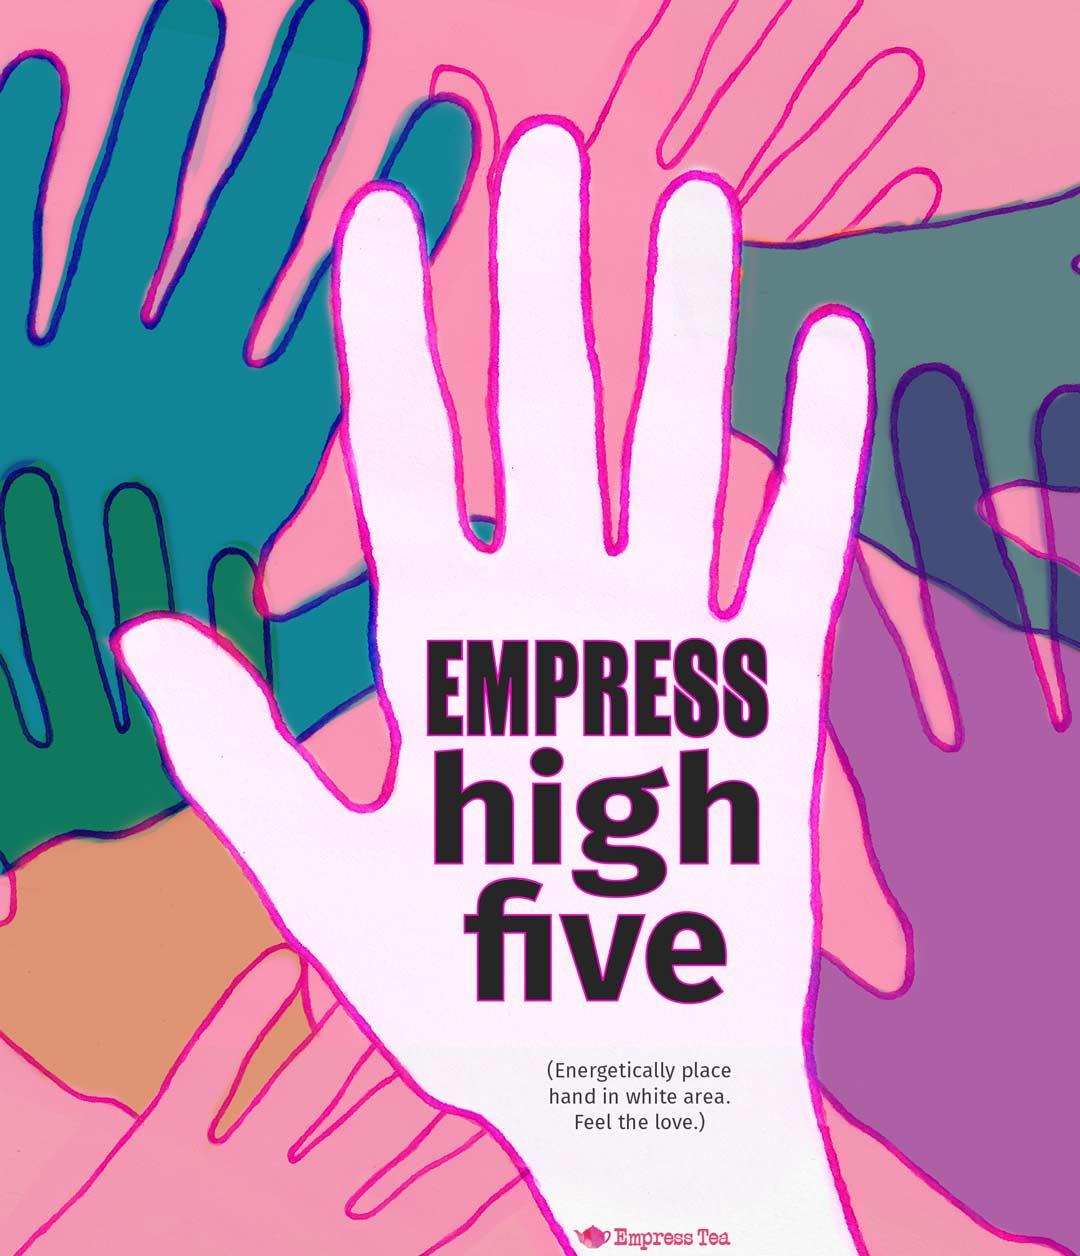 Empress Tea, high five, empress high five, 5th anniversary, hands